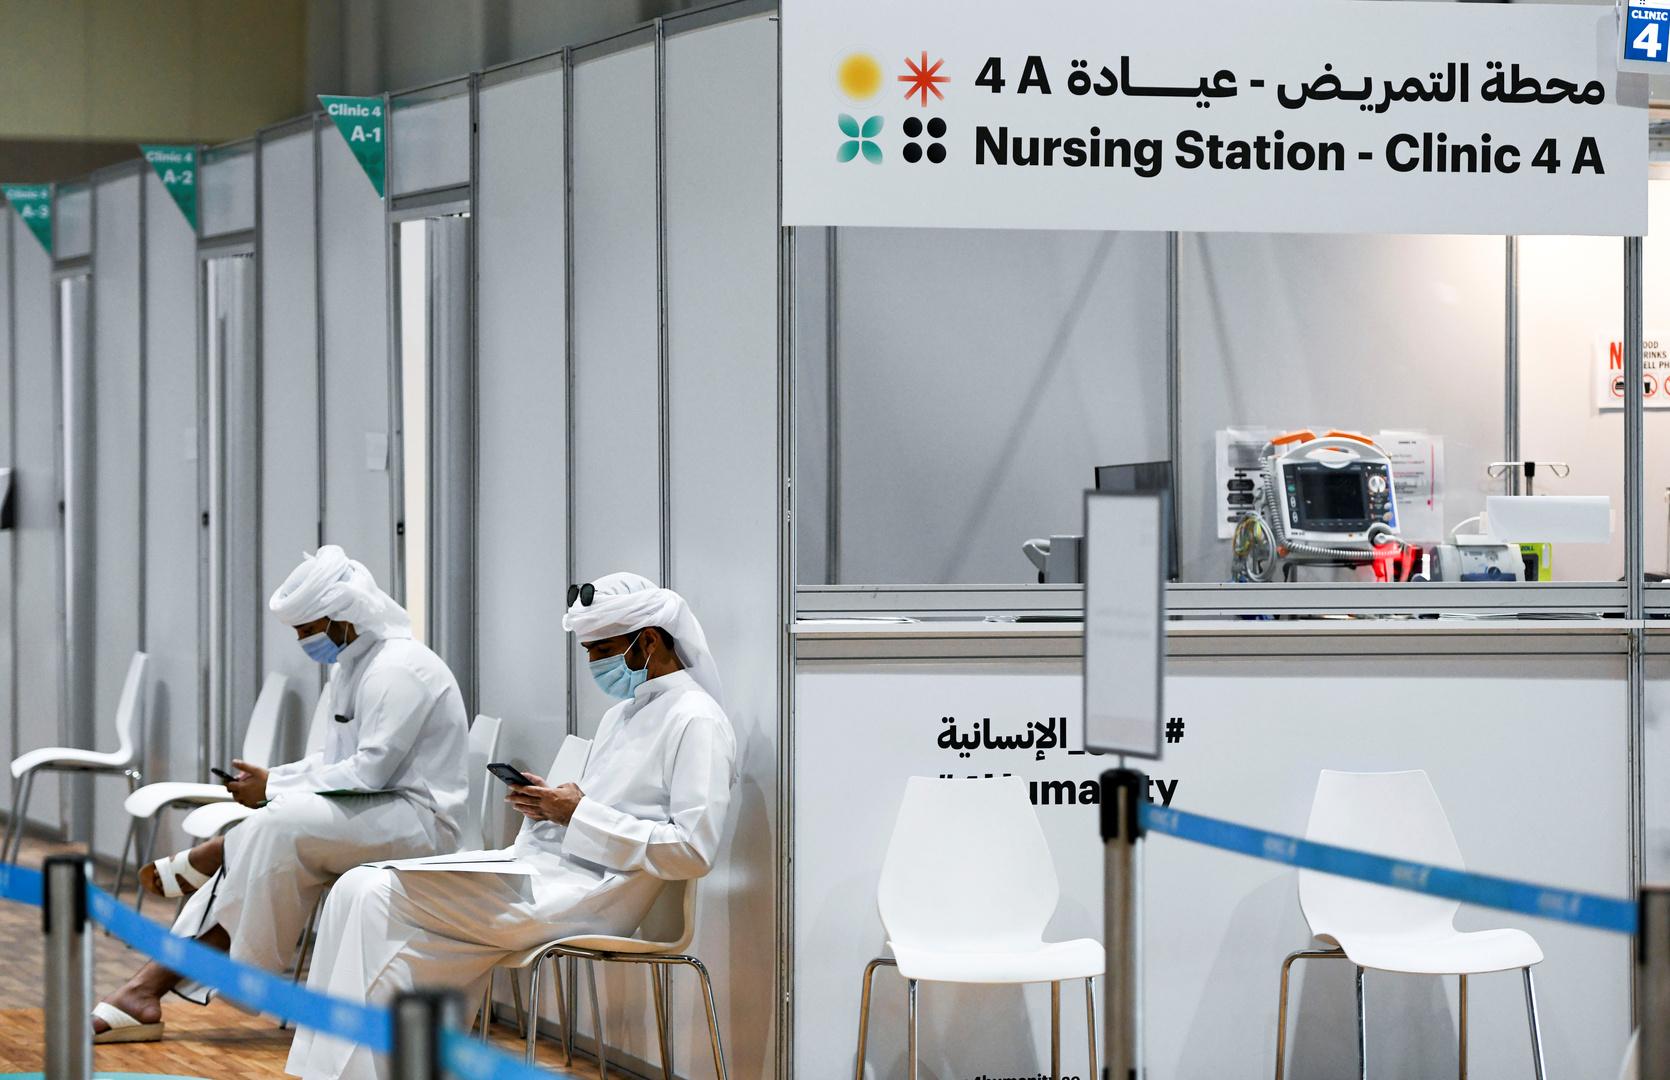 ارتفاع عدد الإصابات بفيروس كورونا في الإمارات